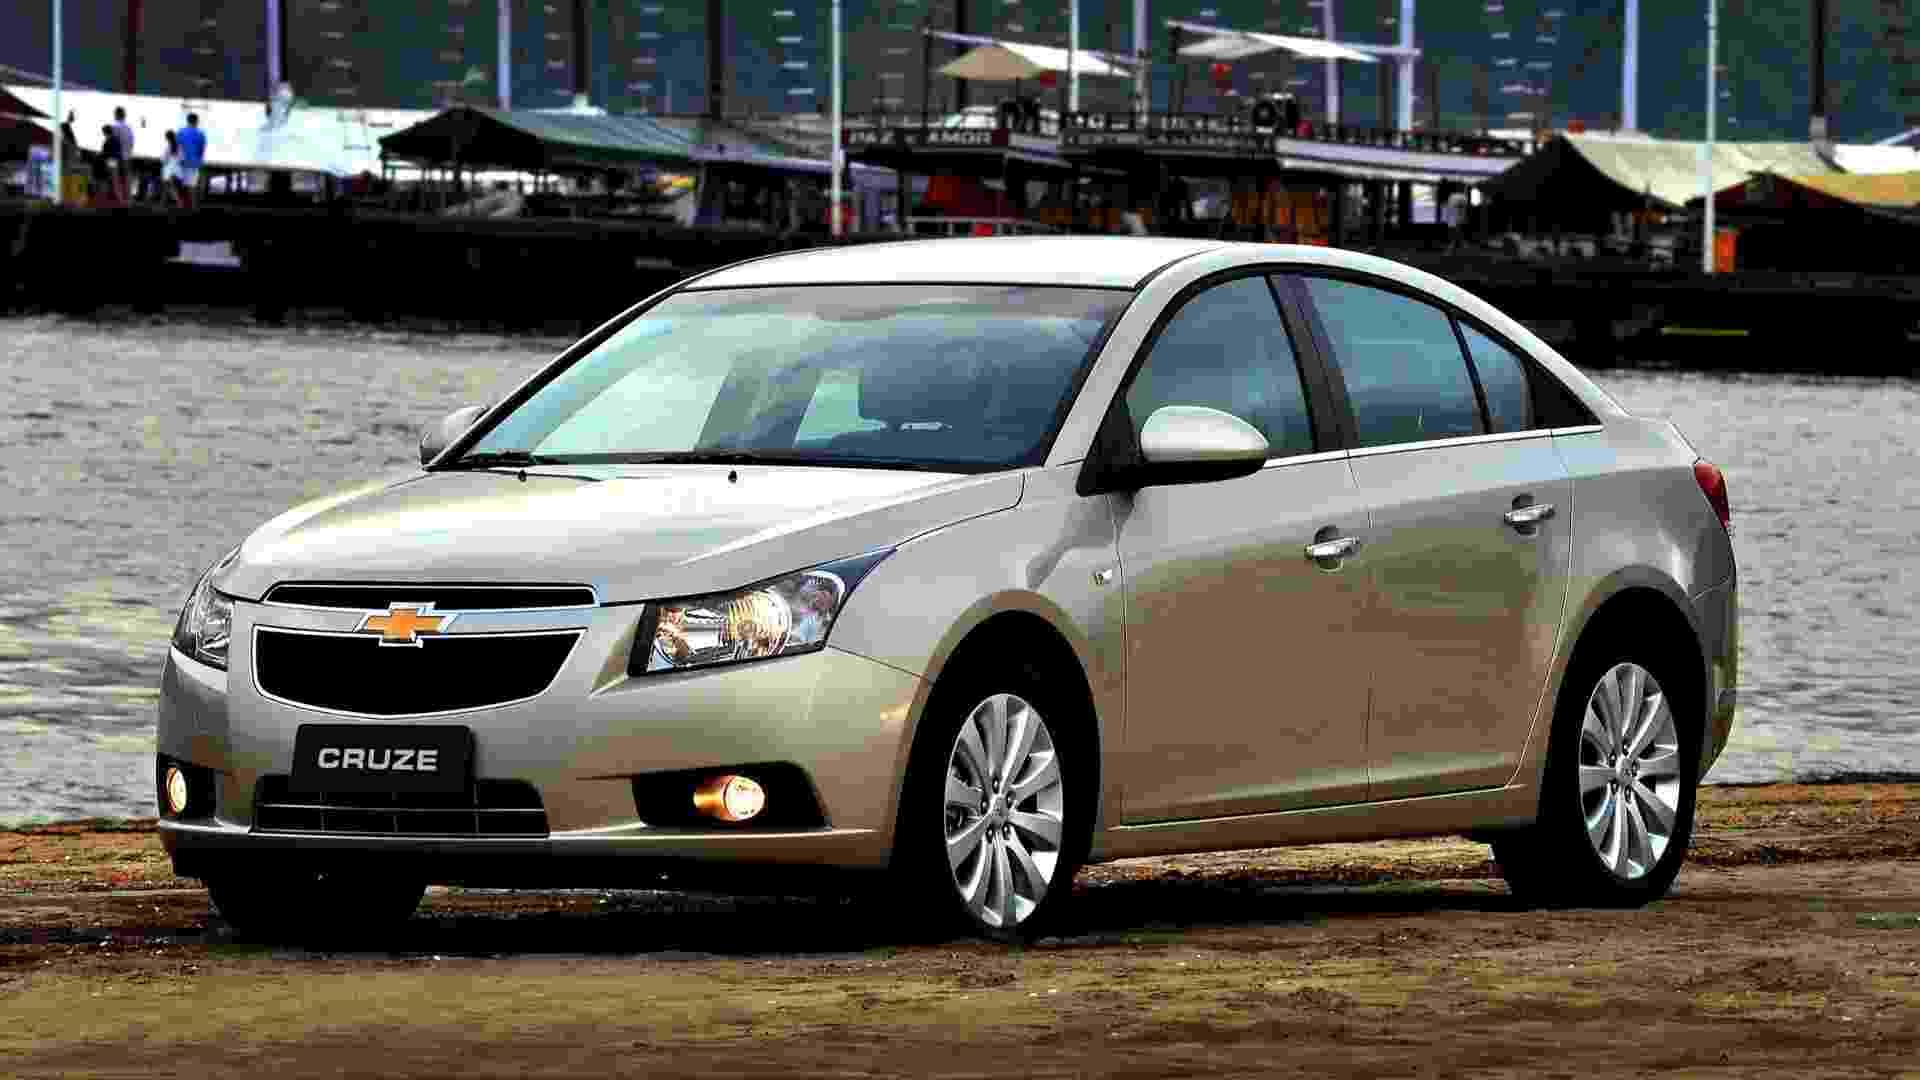 Chevrolet Cruze 1.8 Ecotec é o novo sedã médio da GM no Brasil; modelo substitui o aposentado Vectra - Divulgação